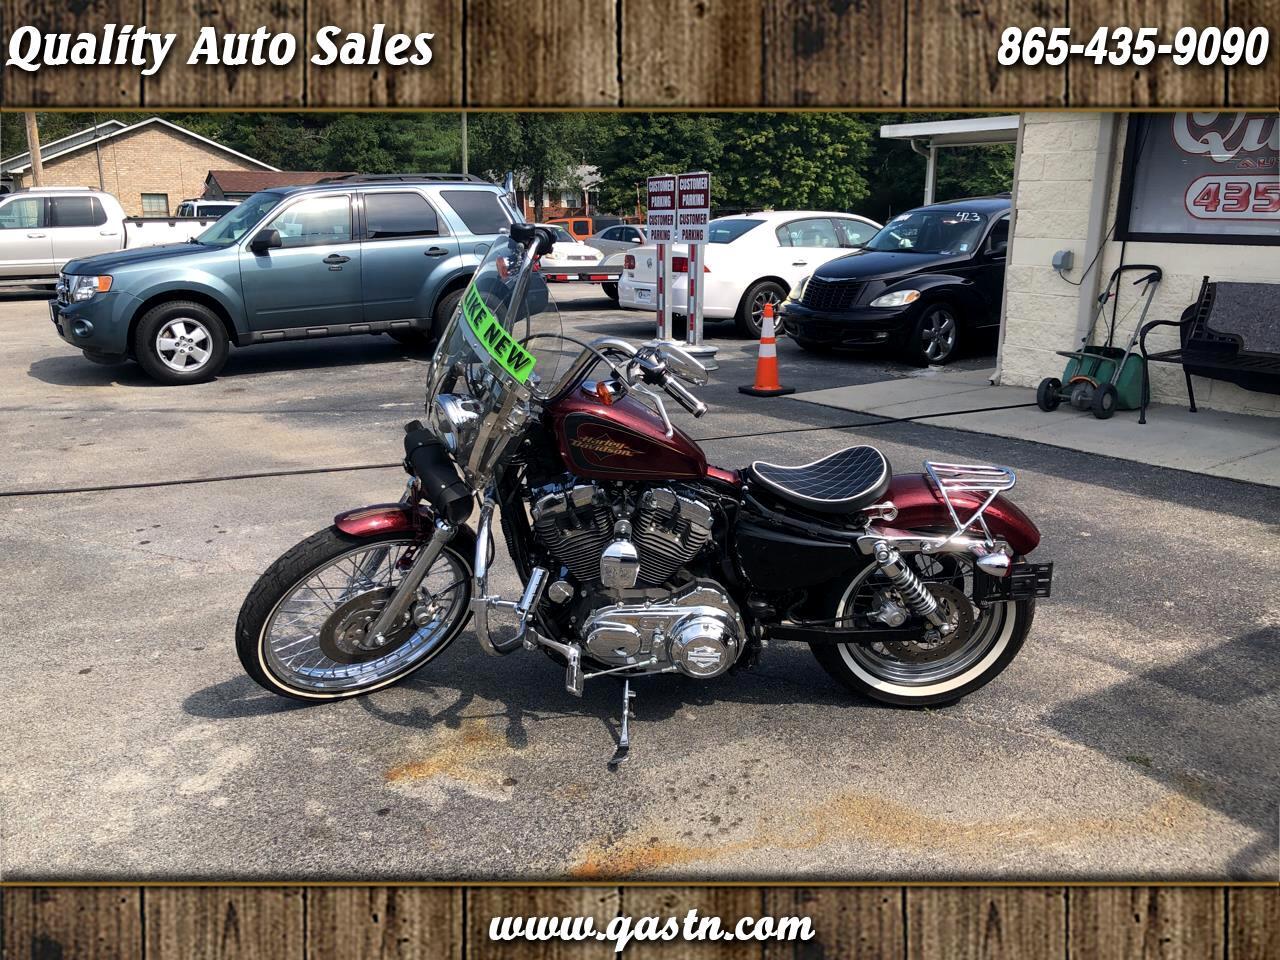 2012 Harley-Davidson XL 1200V